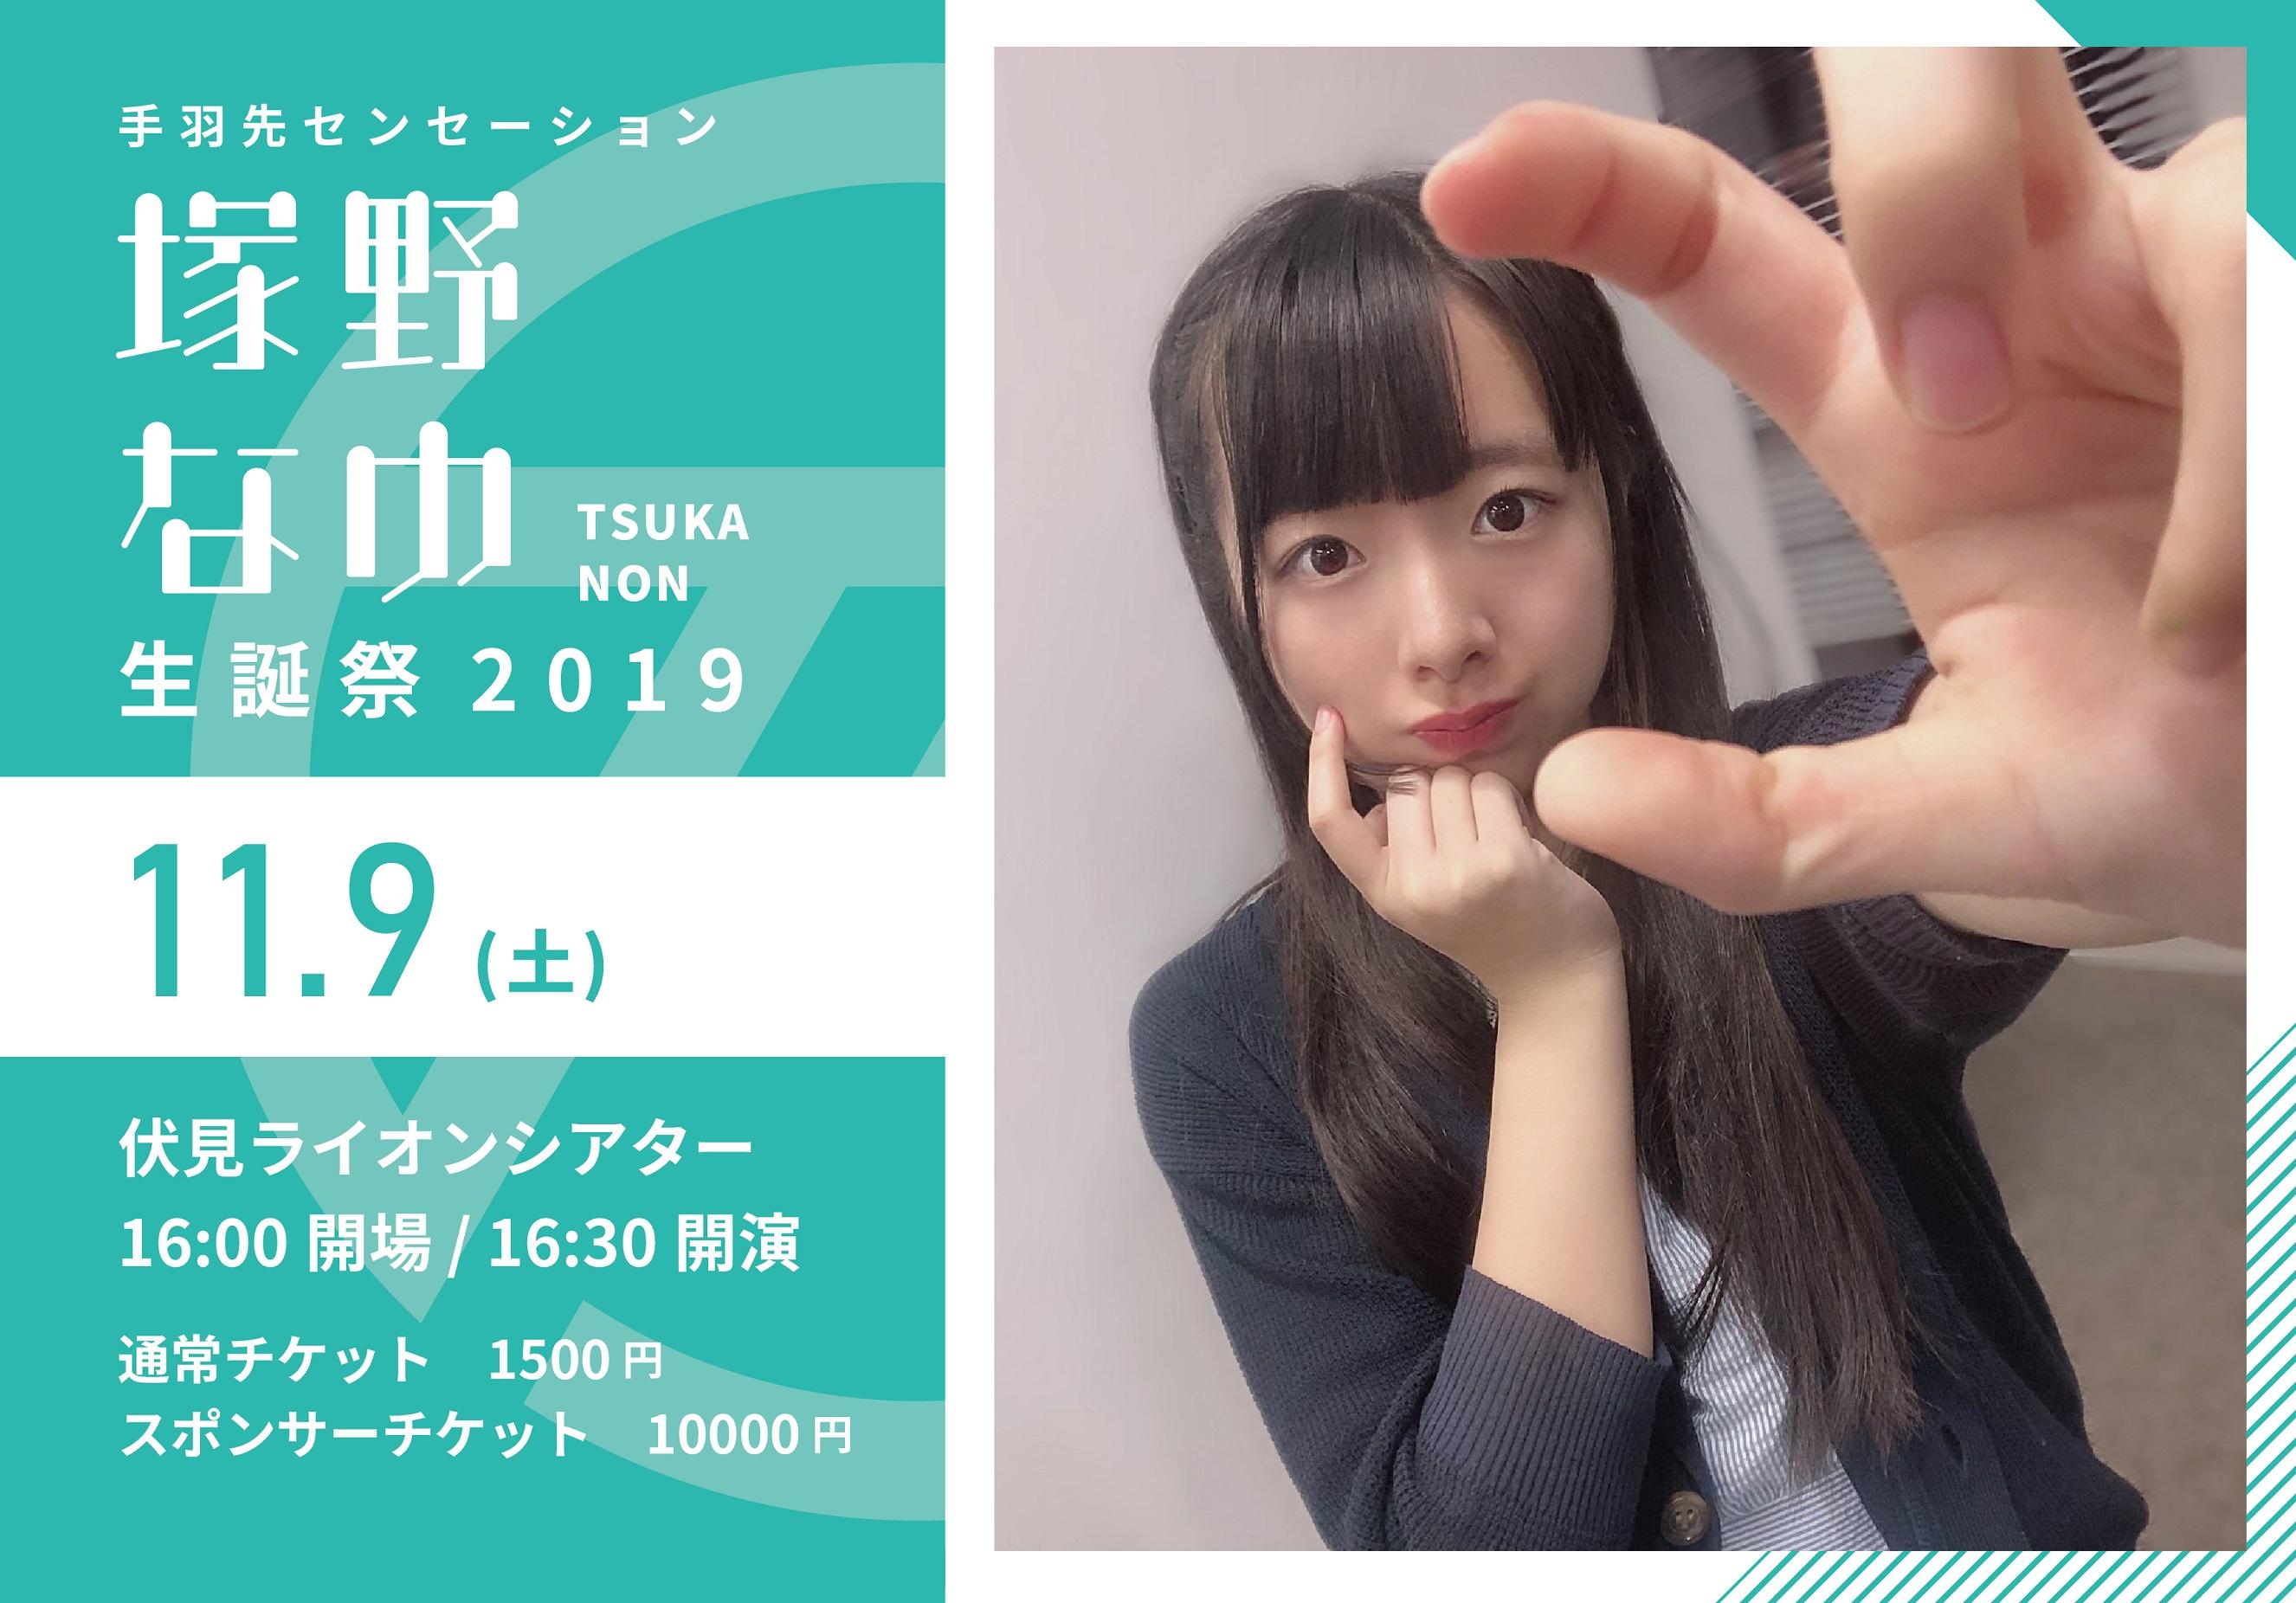 塚野なゆ生誕祭2019